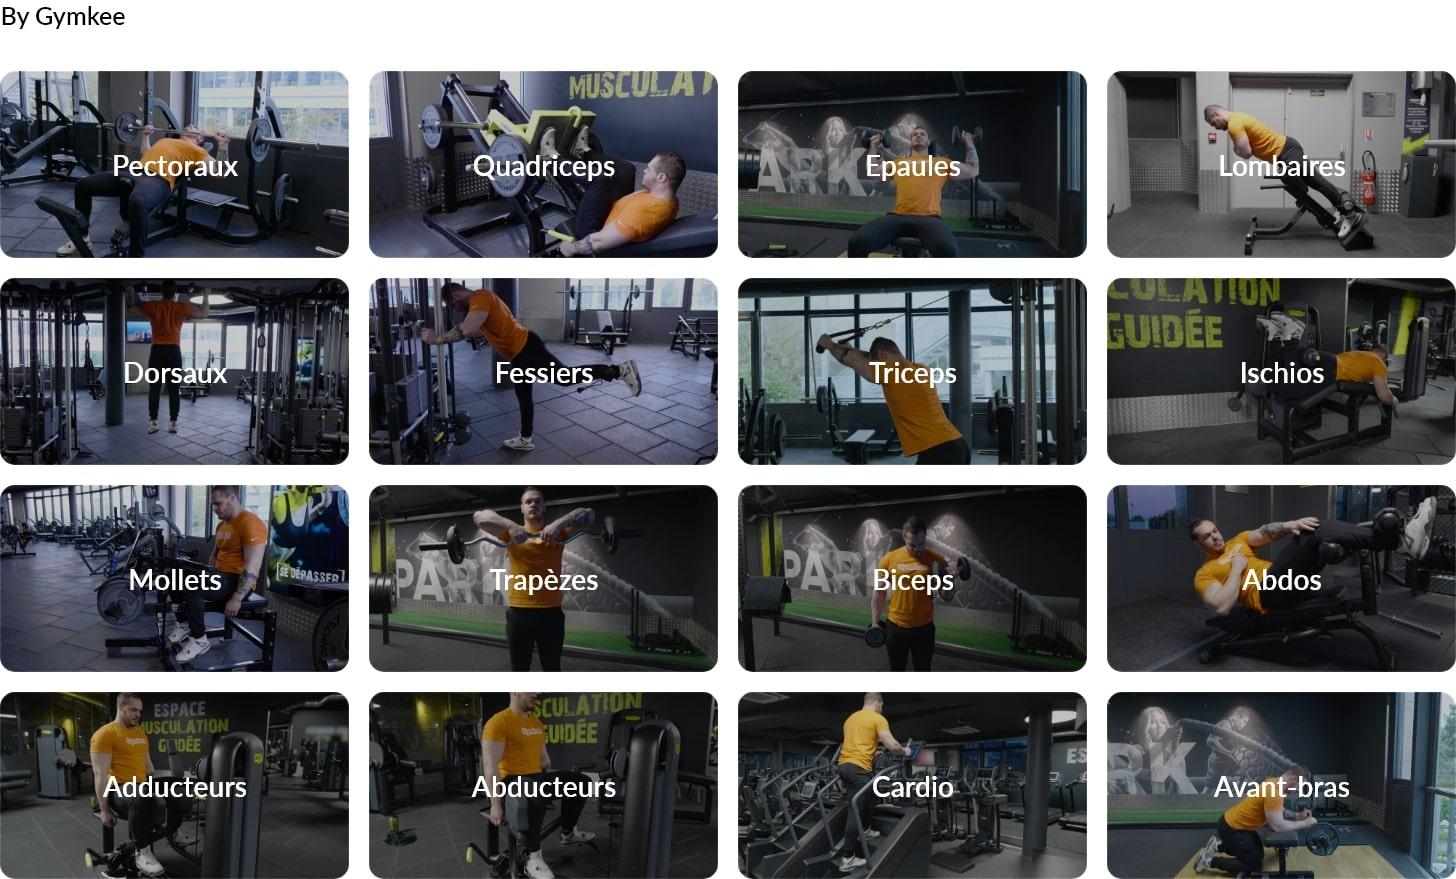 Exercices fitness en vidéo - Gymkee - Application pour coach sportif